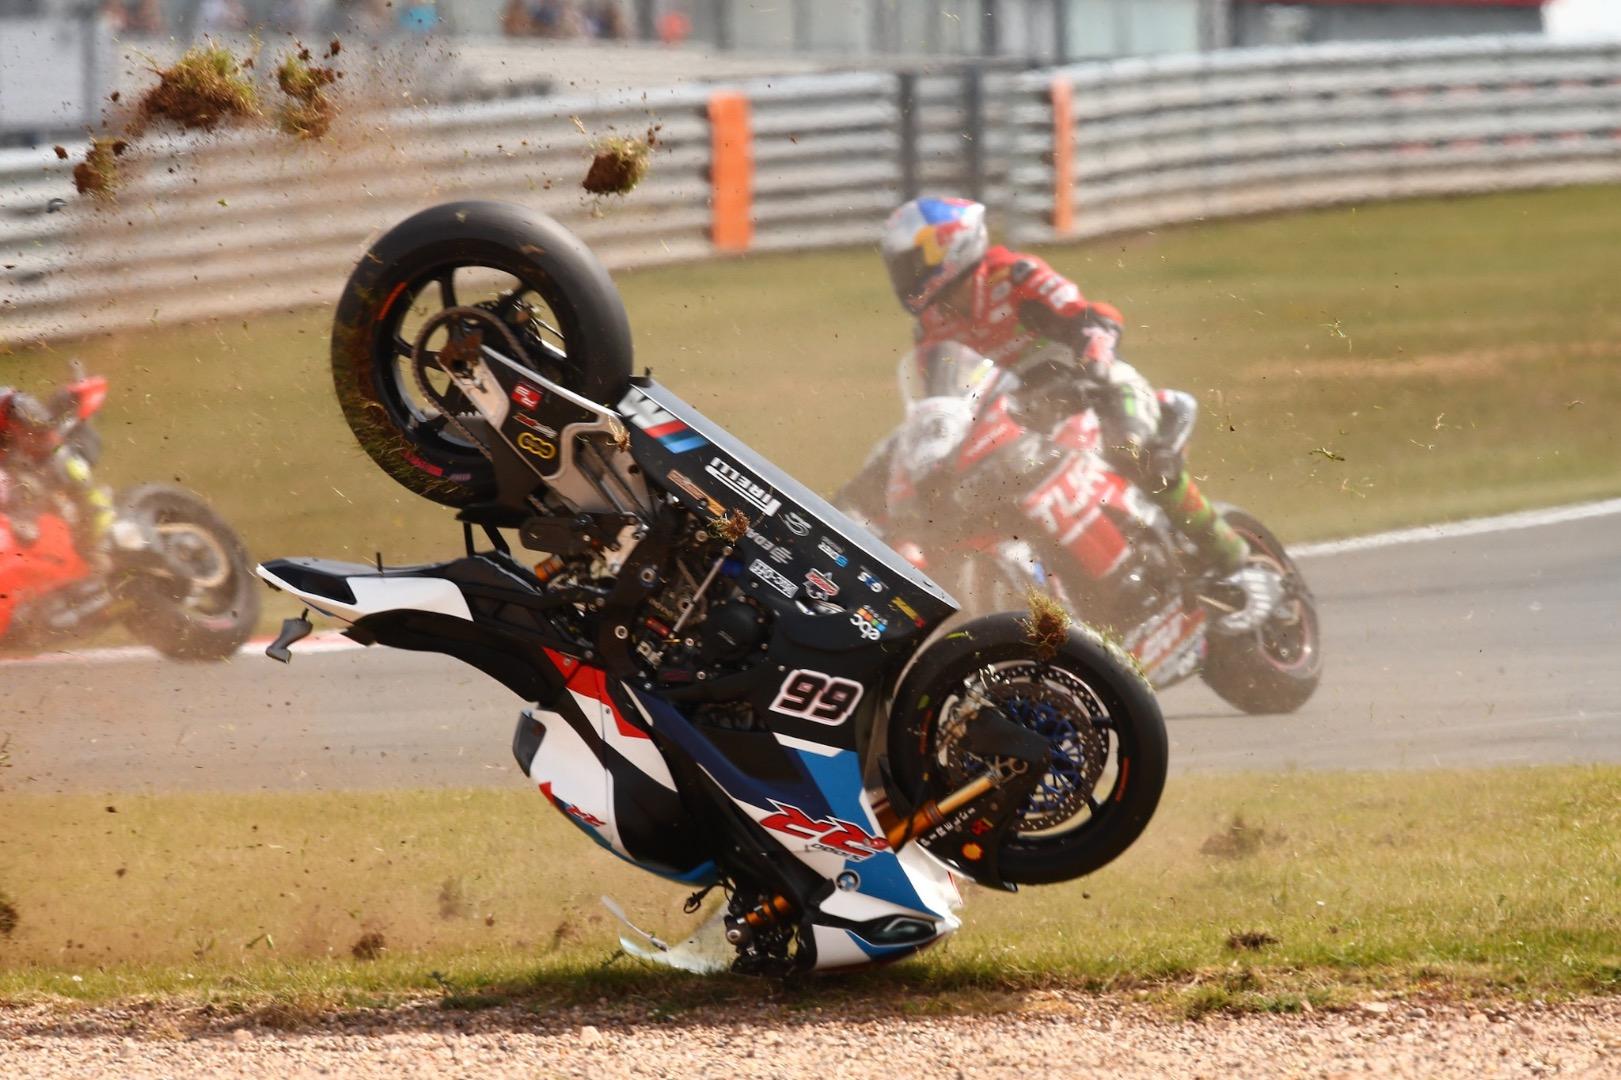 Caída Tom Sykes en la Superpole Race de Donington Park